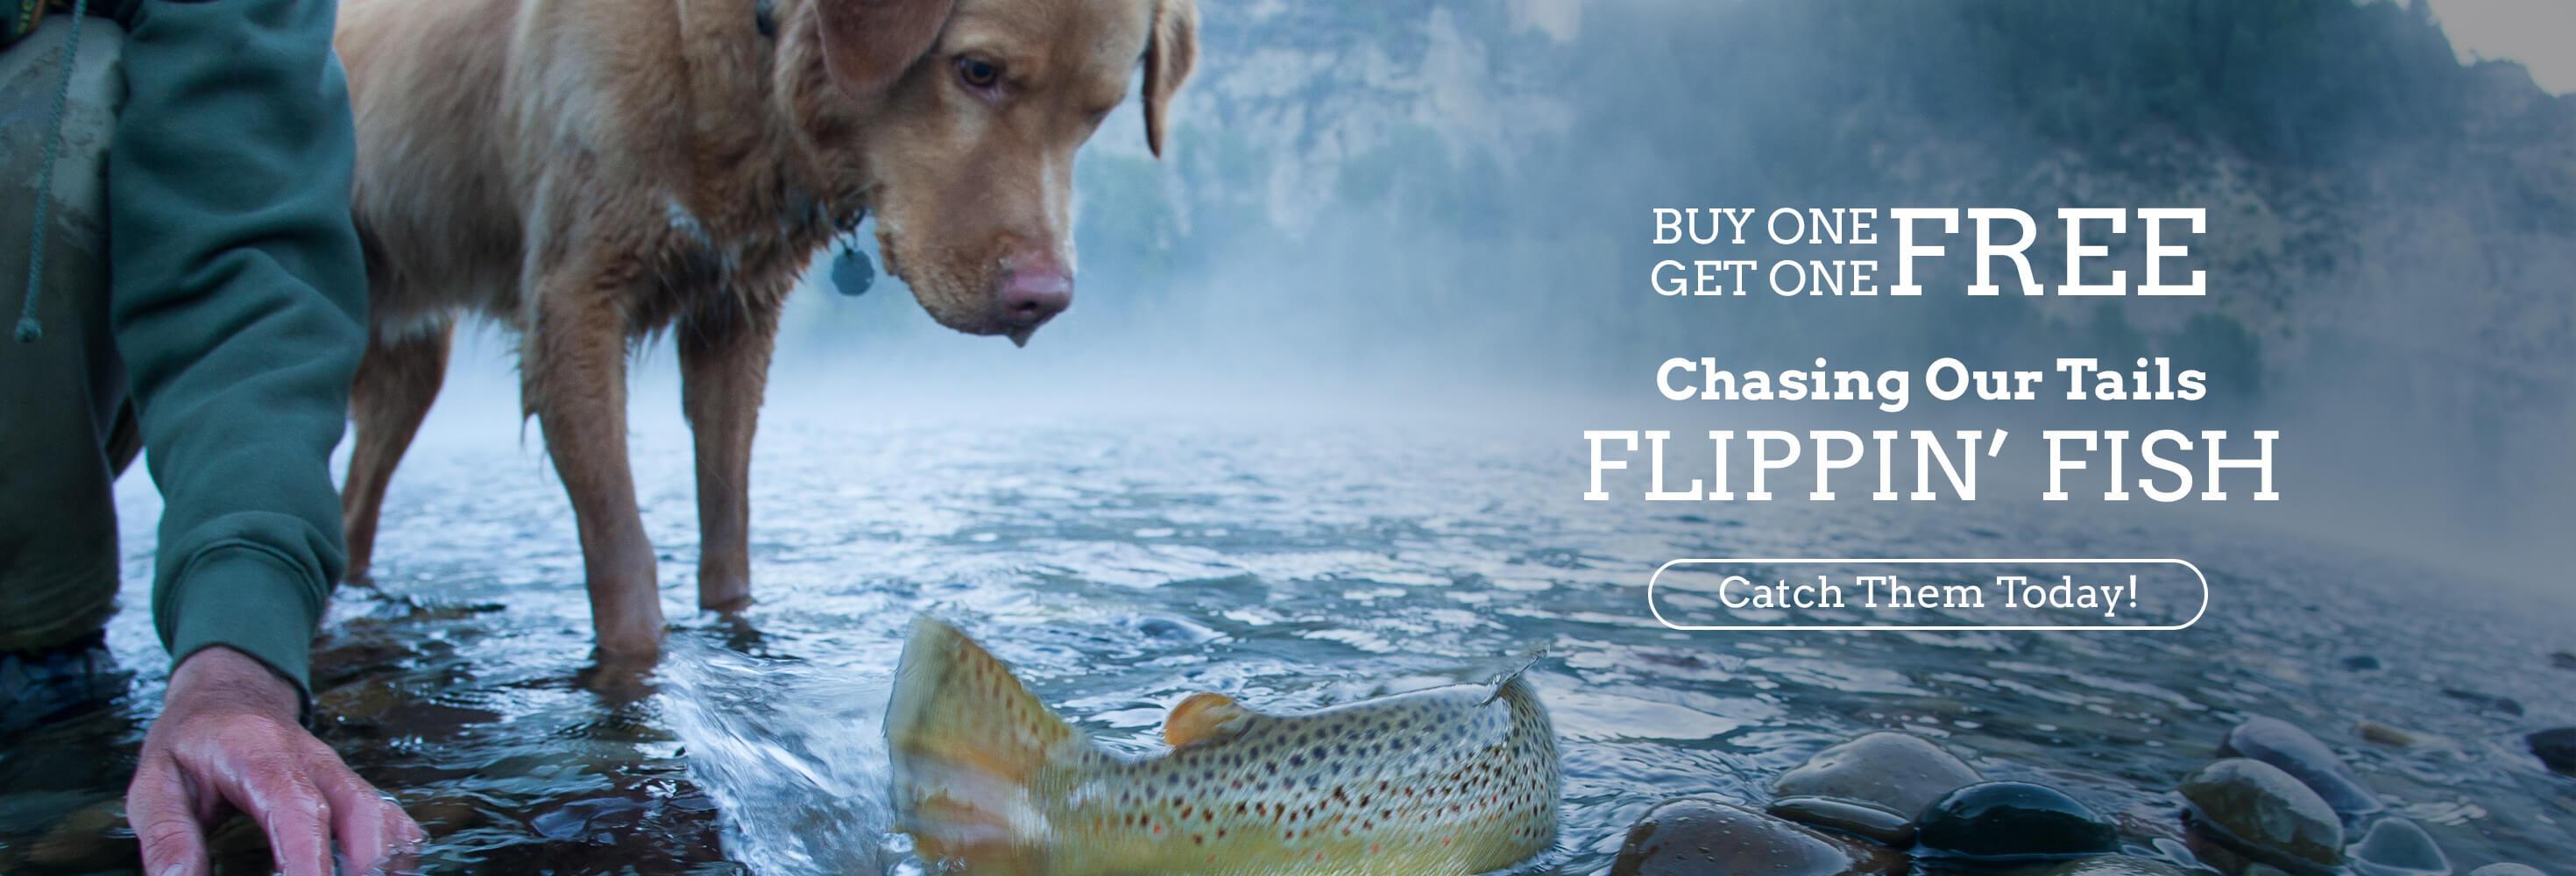 Flippin' Fish BOGO Free